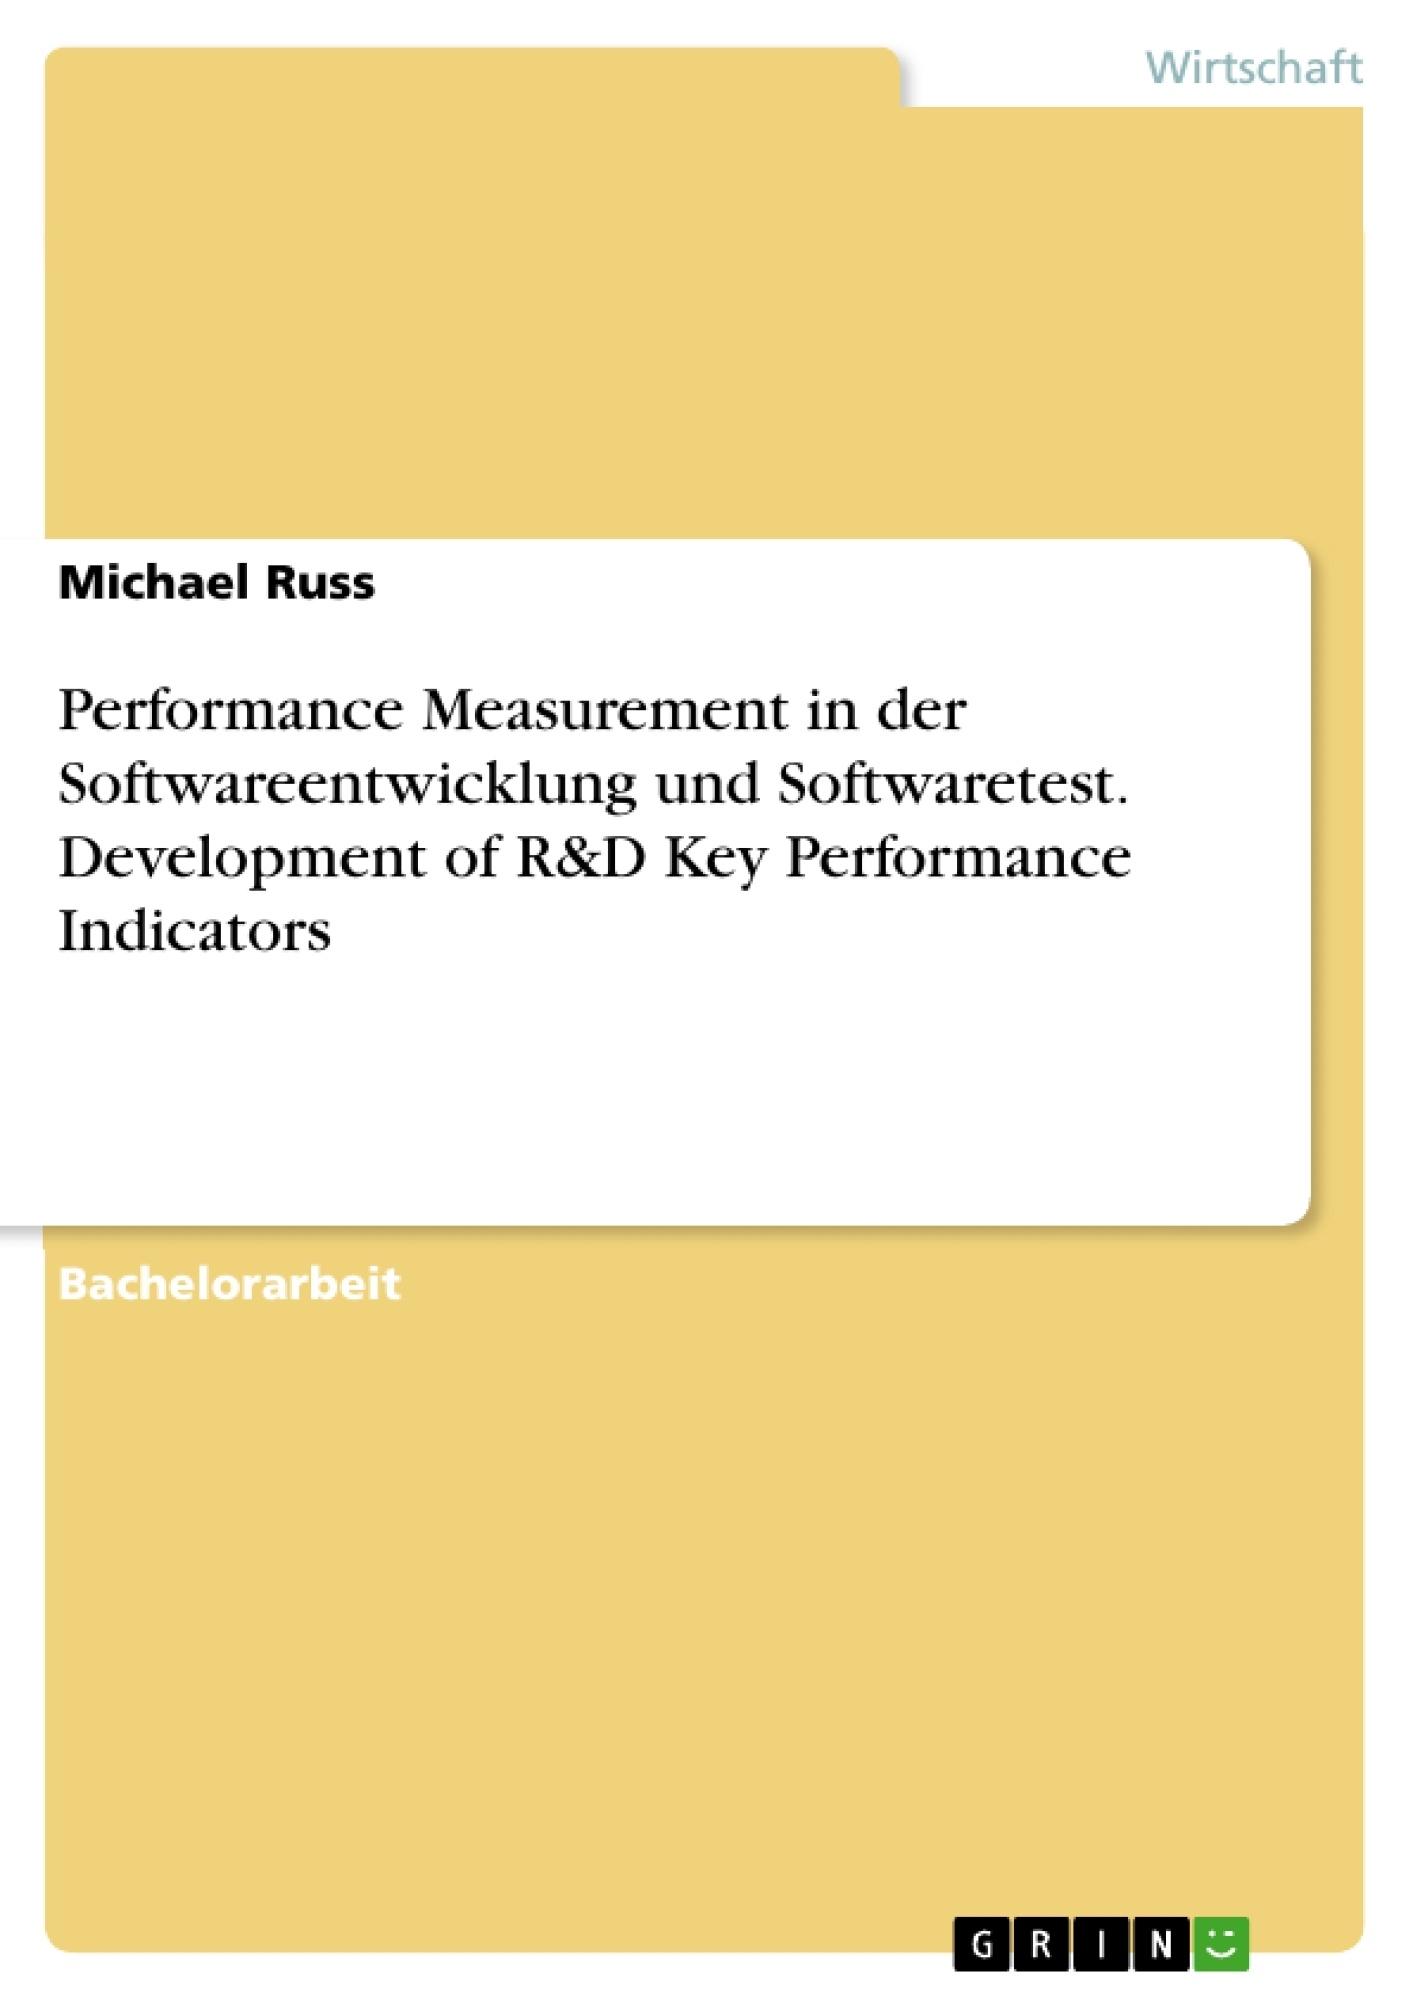 Titel: Performance Measurement in der Softwareentwicklung und Softwaretest. Development of R&D Key Performance Indicators